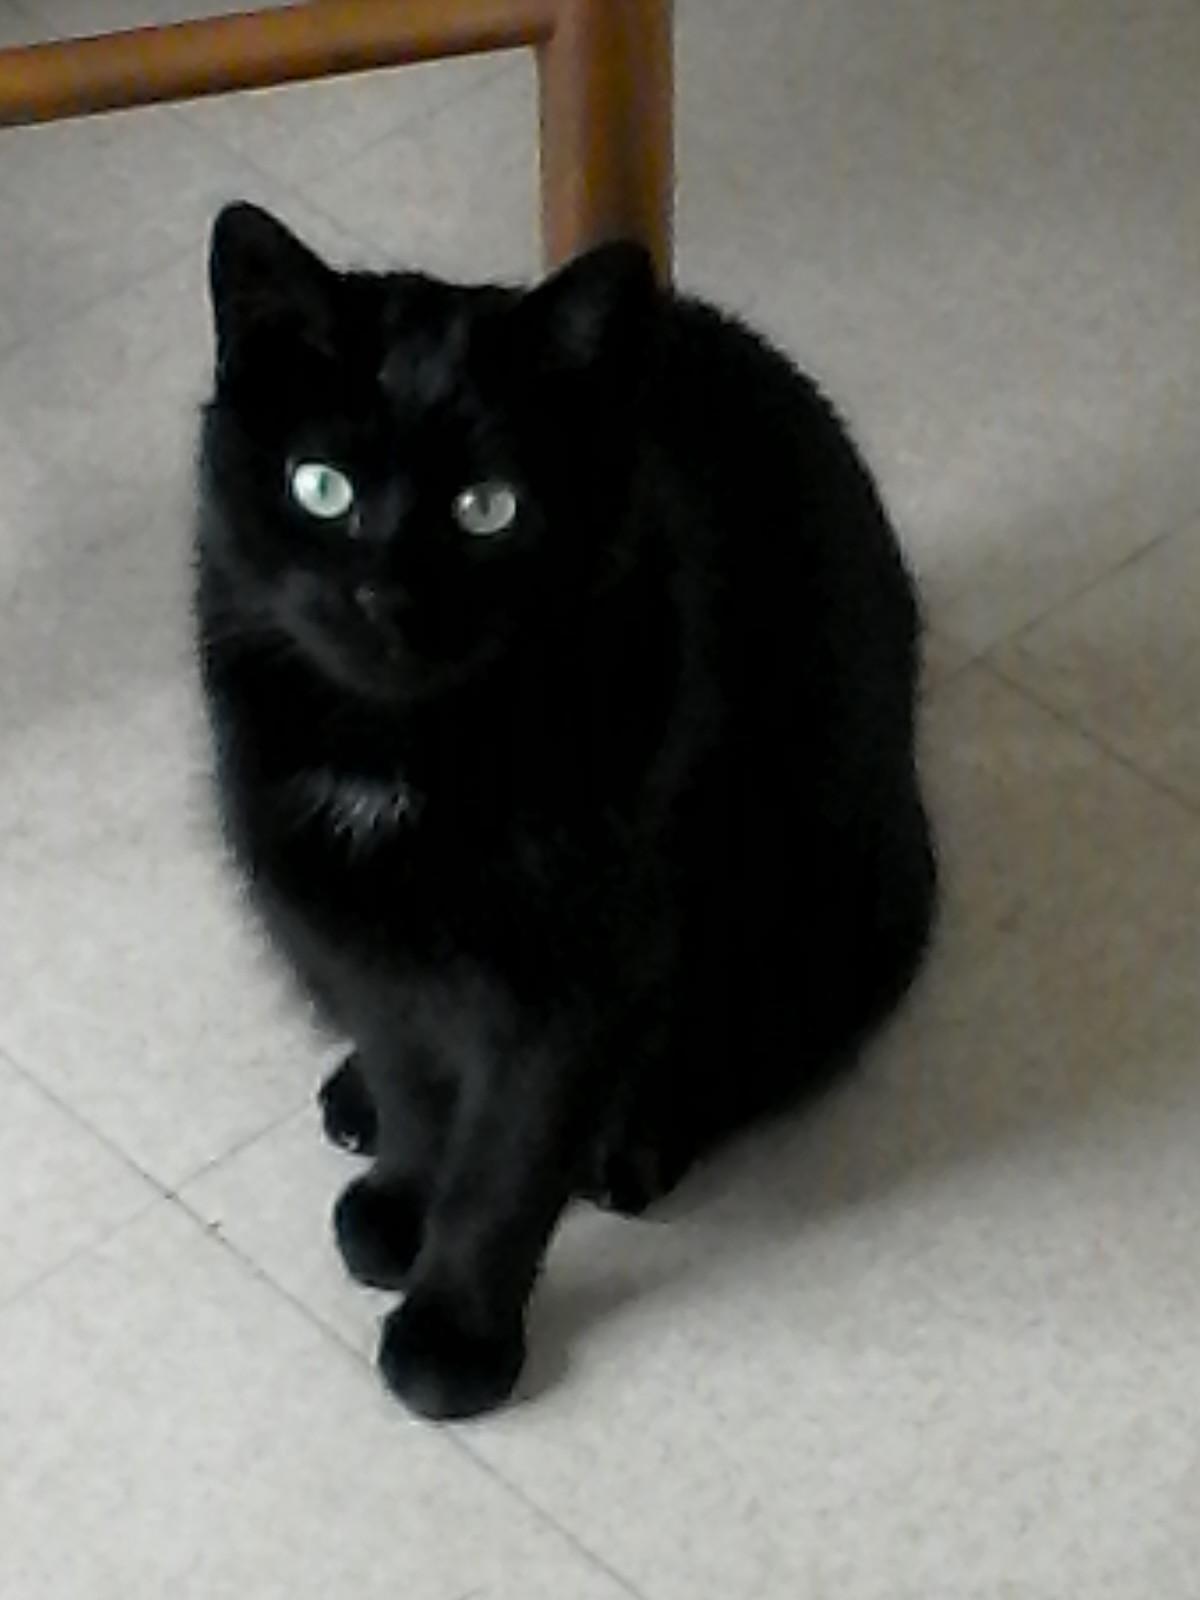 My cat4